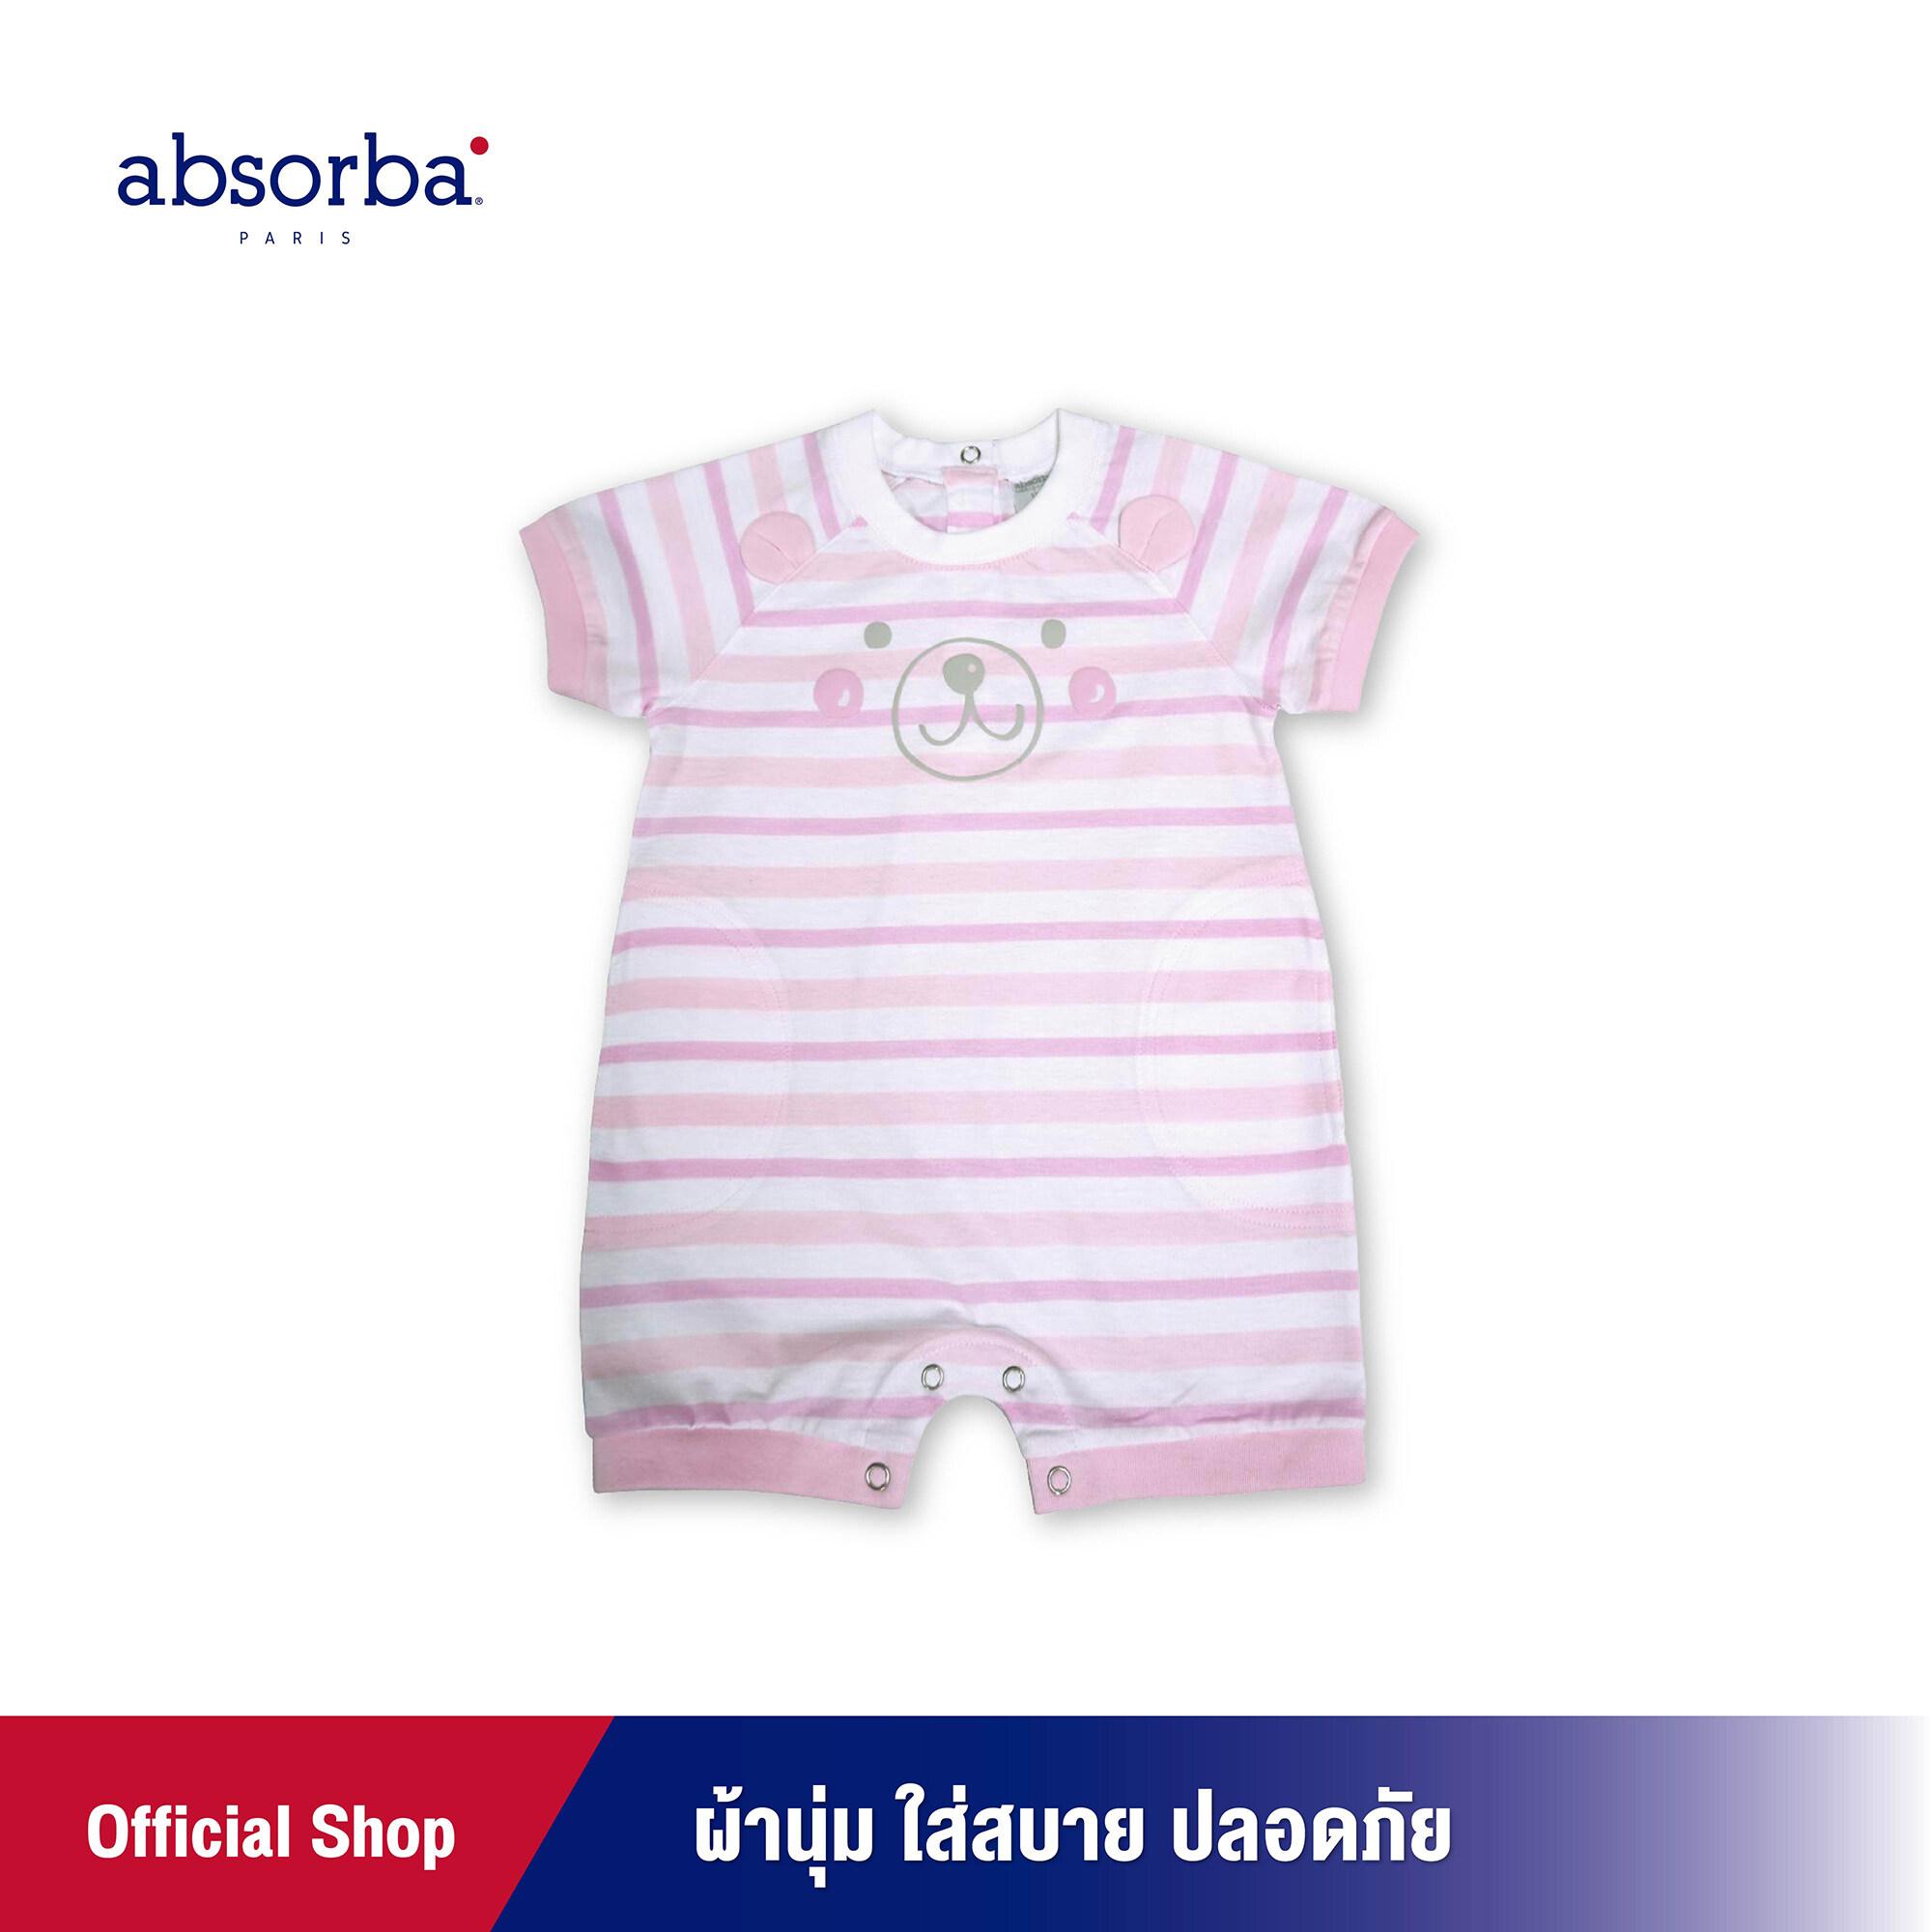 ซื้อที่ไหน absorba (แอ๊บซอร์บา) ชุดหมีเด็ก แขนสั้น ลายริ้วสีชมพู ผ้านุ่ม ใส่สบาย ปลอดภัย สำหรับเด็กอายุ 6 เดือน ถึง 24 เดือน - R1R9004PI ชุดเด็กผู้หญิง